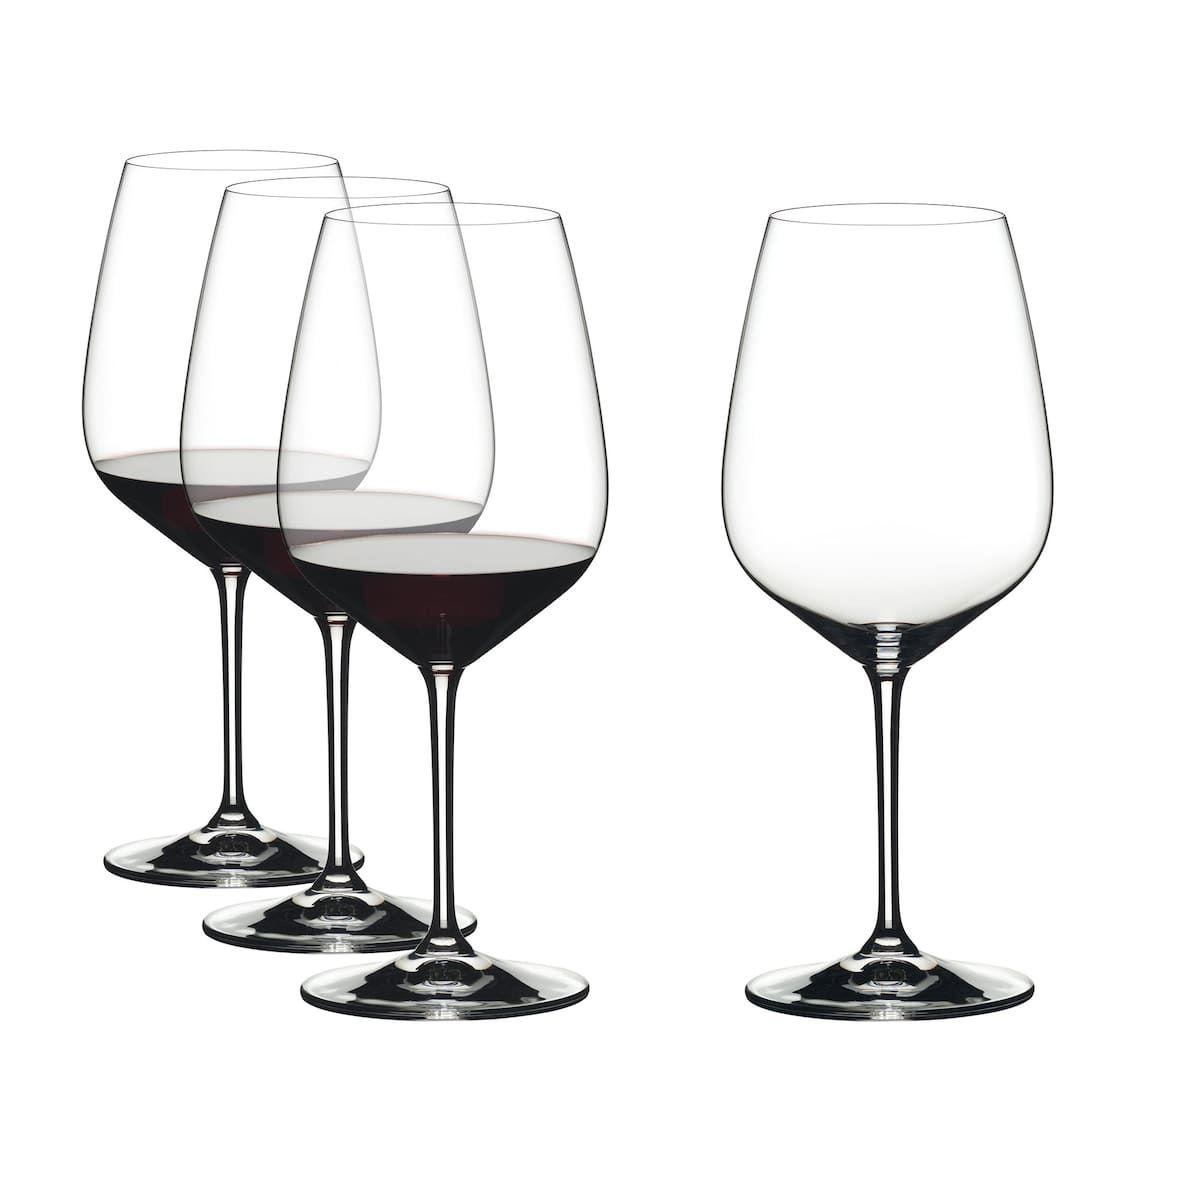 Ensemble De Verres Vin Par Riedel Ensemble De 4 Verres Vin Blanc Personalized Wine Glass Red Wine Glasses White Wine Glasses